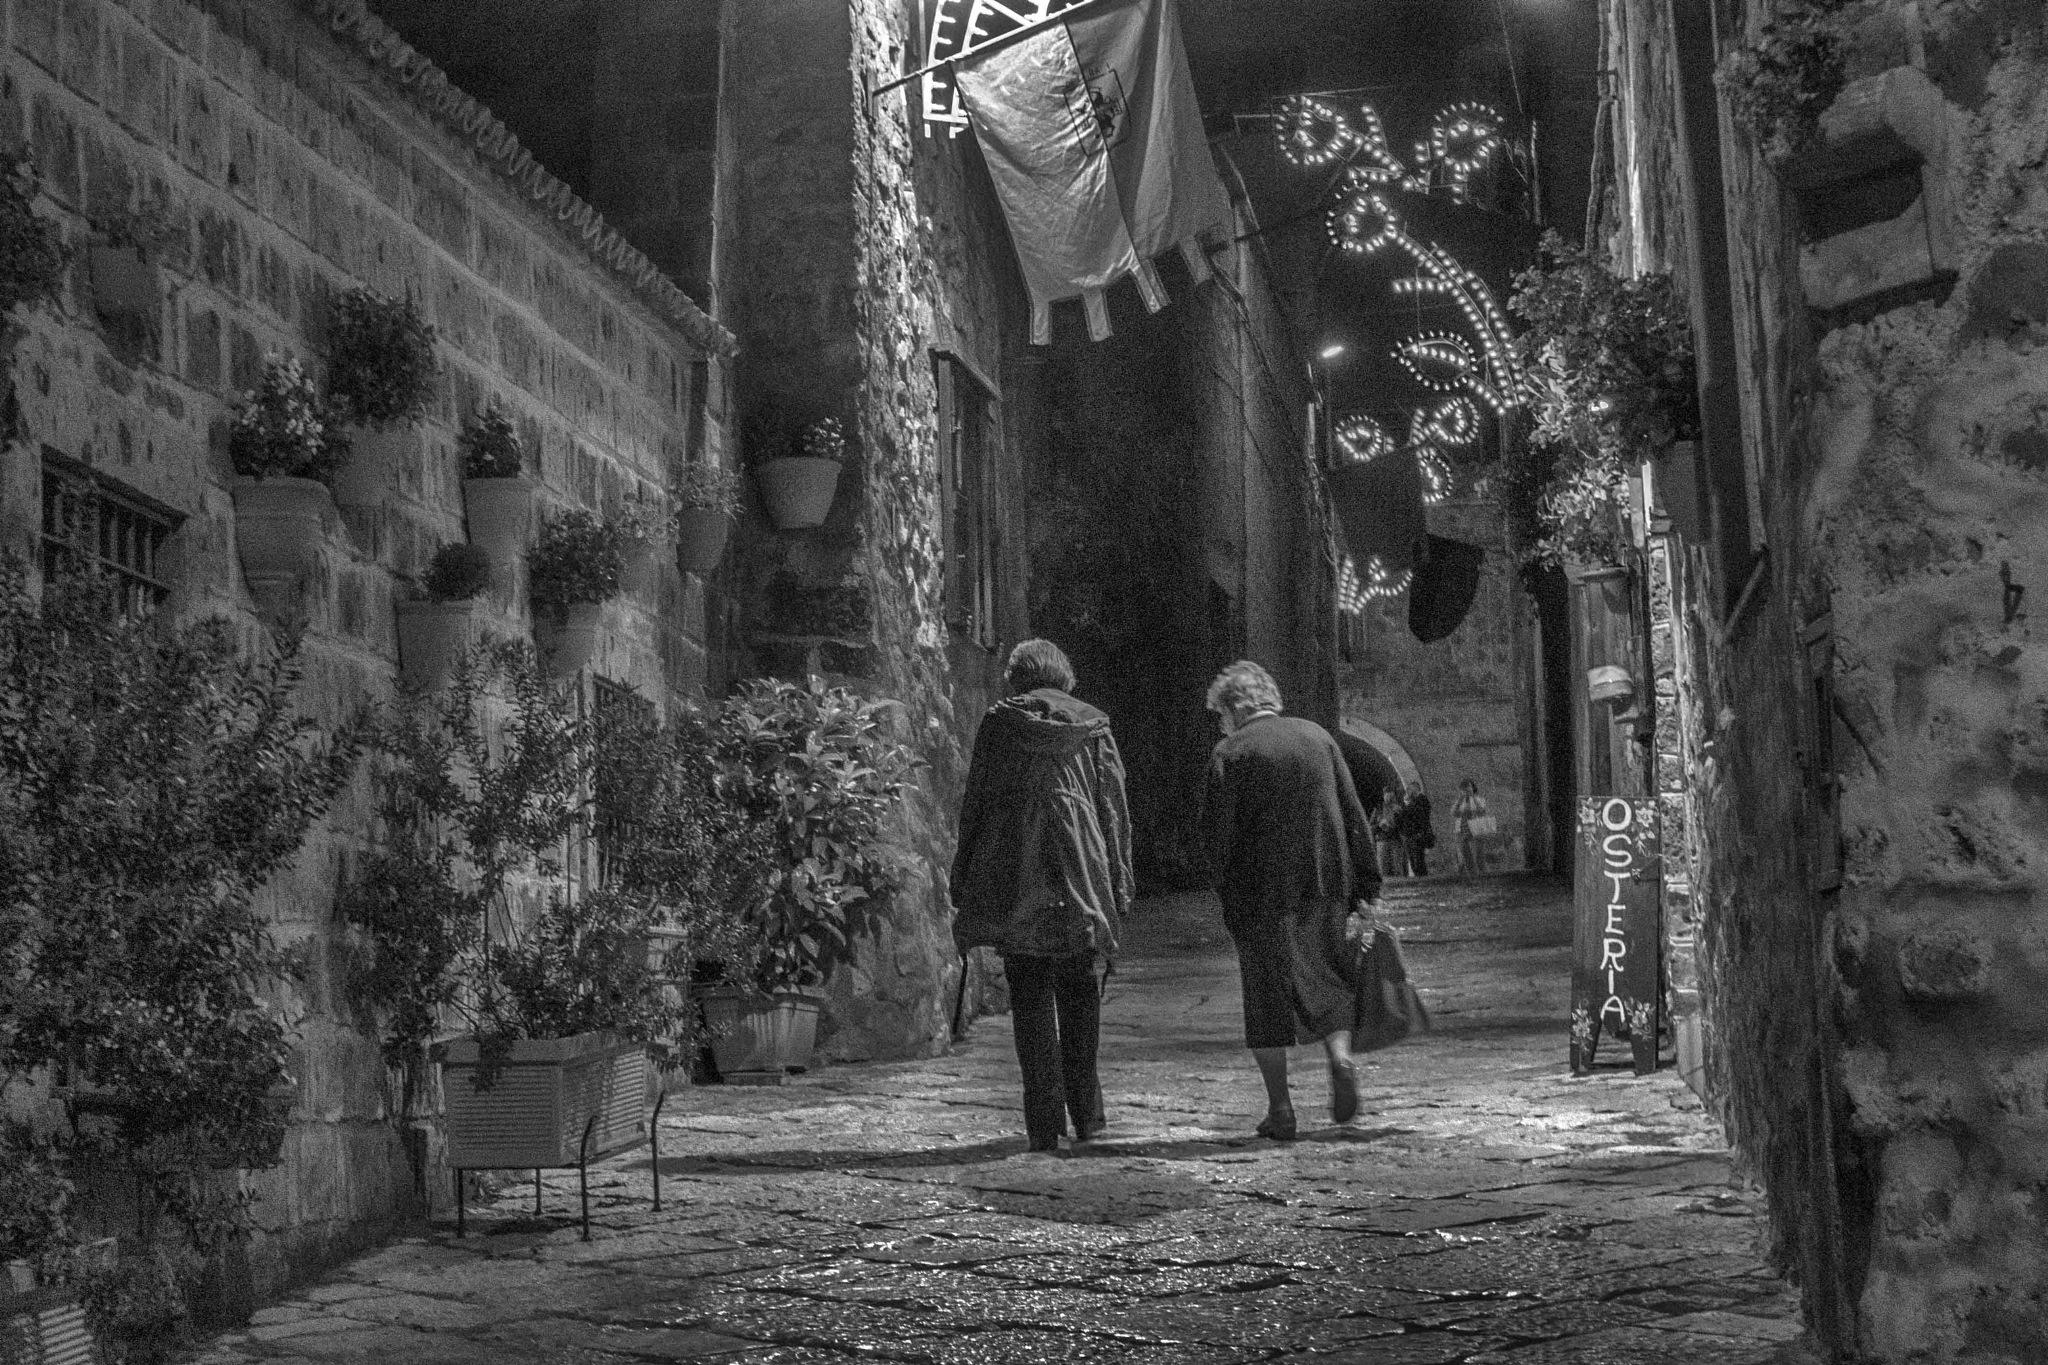 Borgo in festa by Salvatore Bertolino